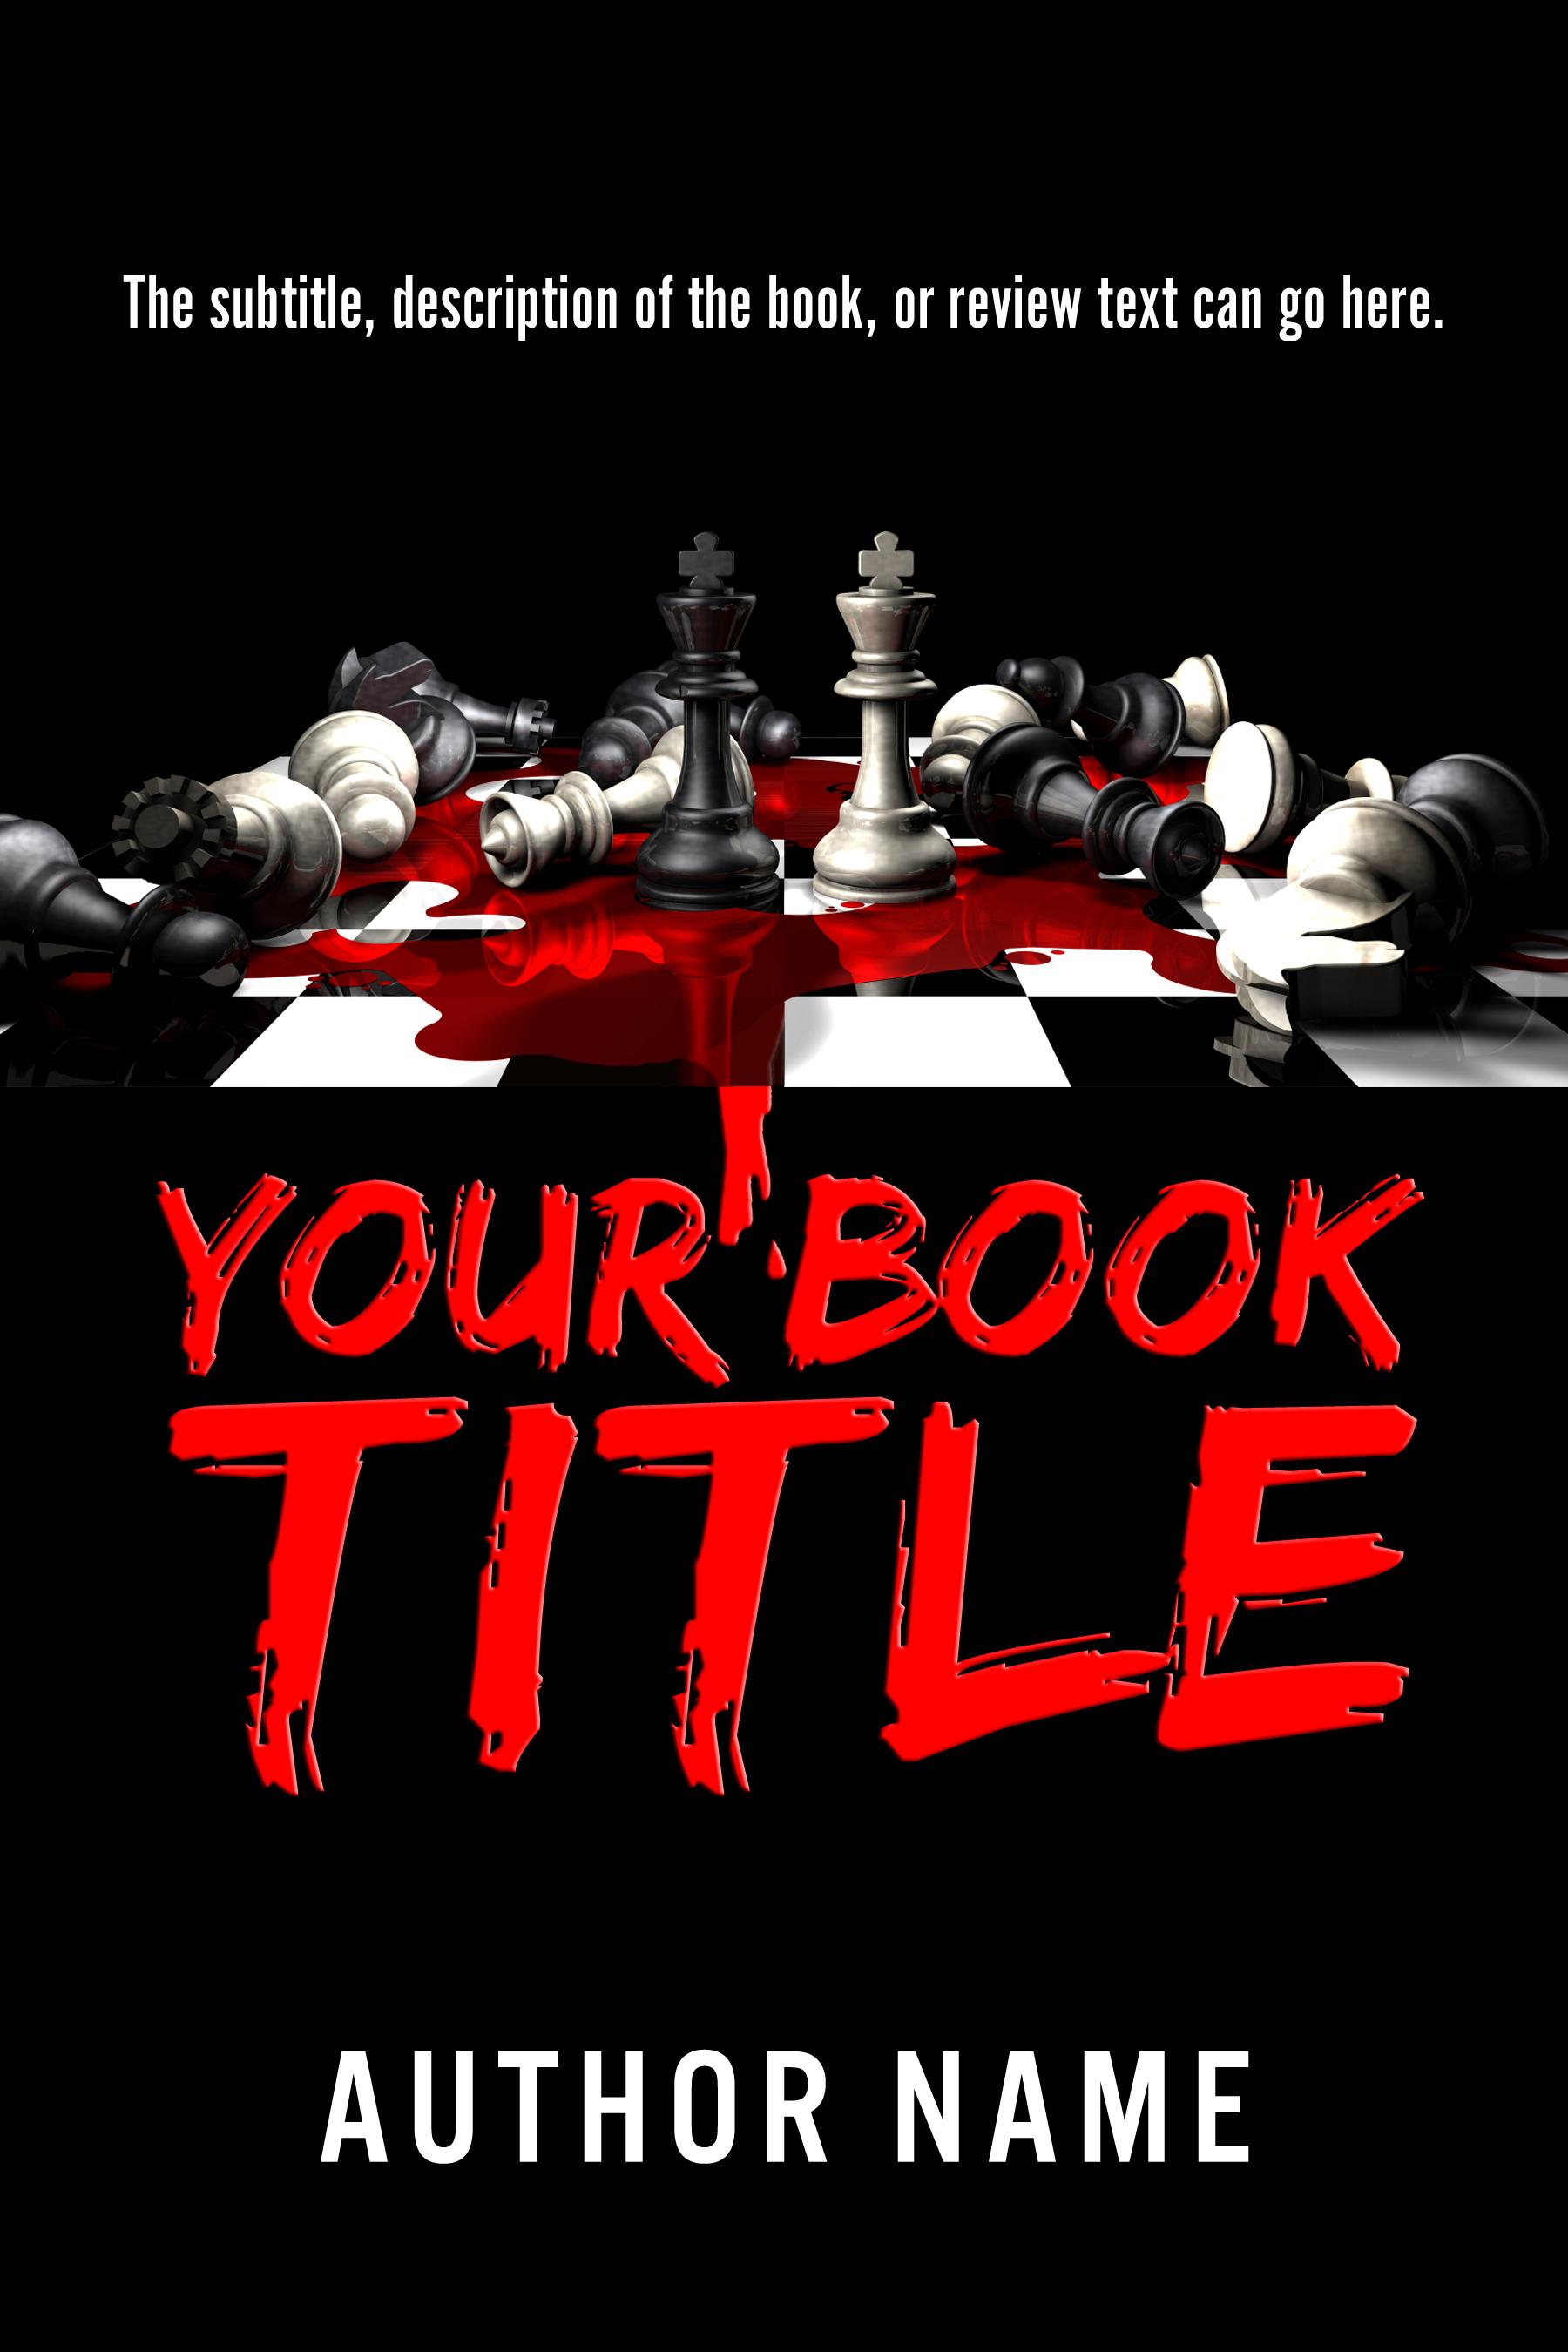 Horror, Murder Mystery Book Cover Design